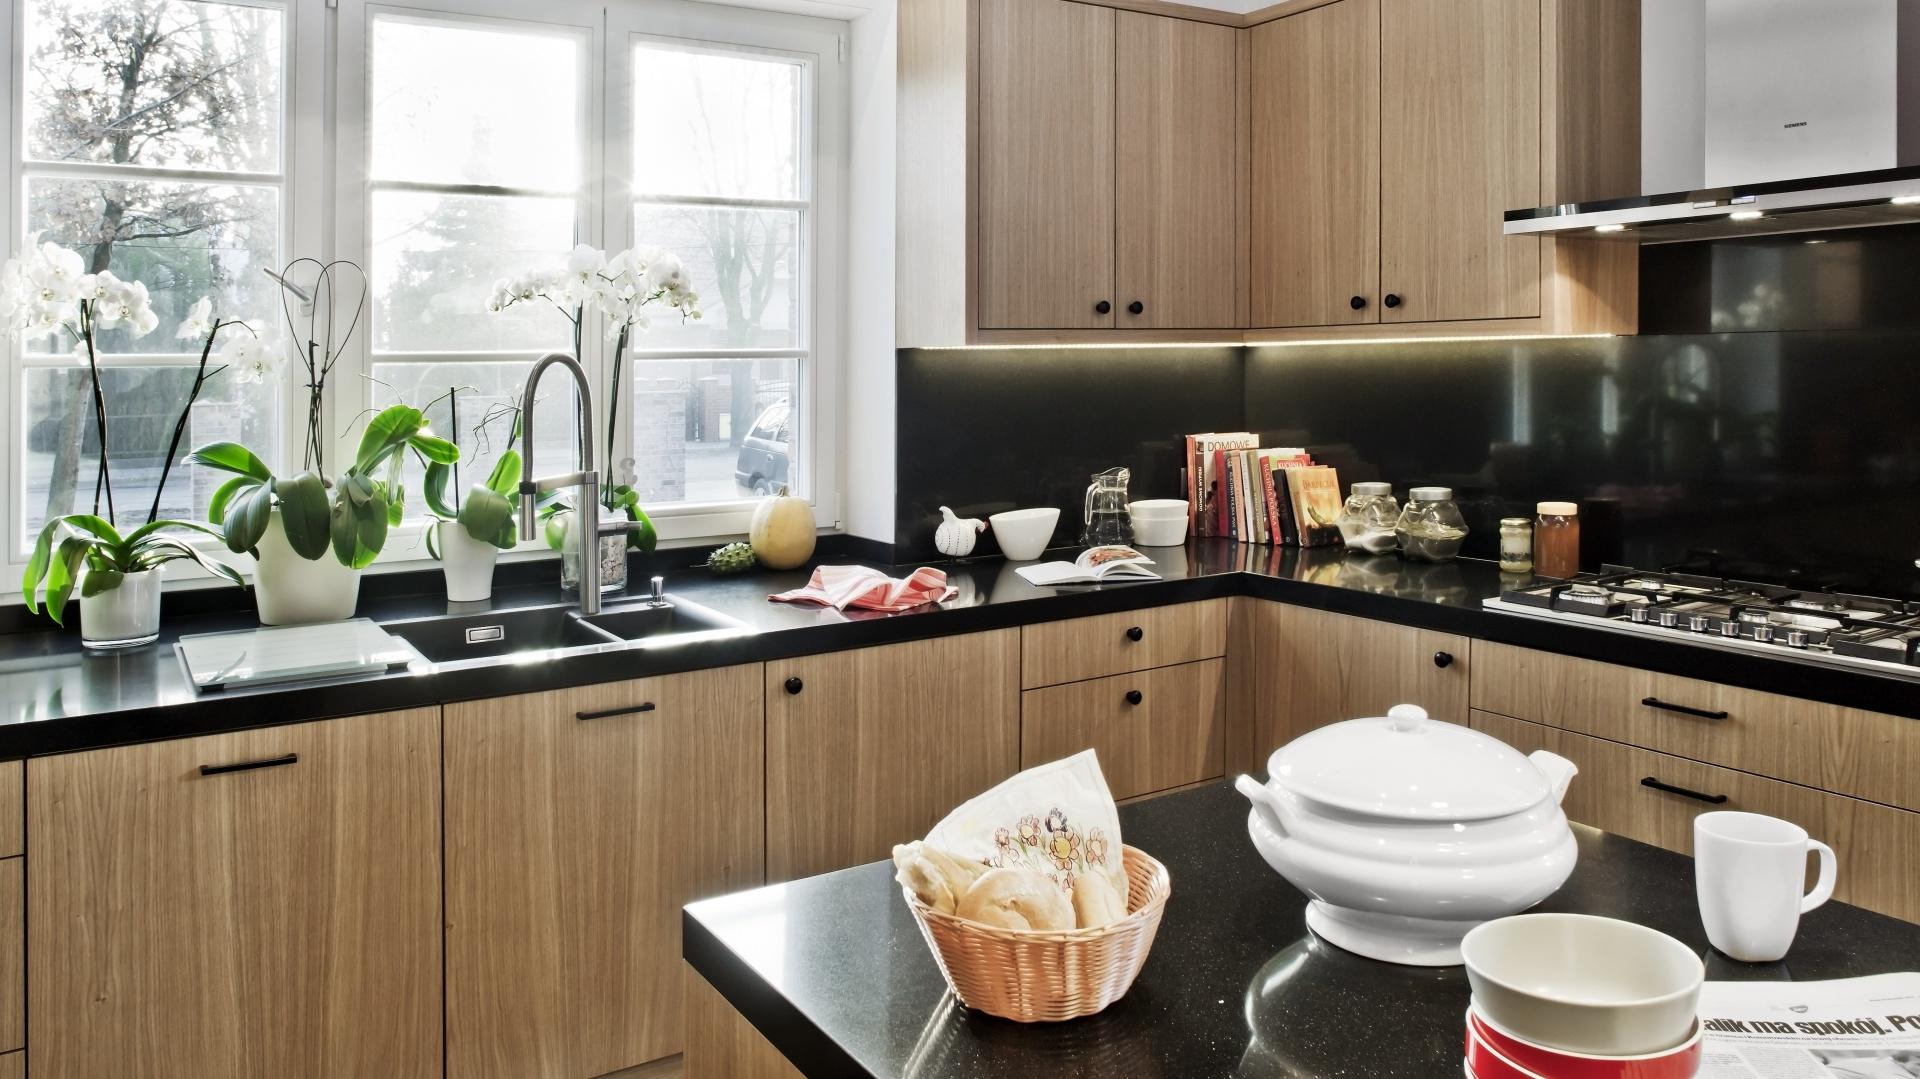 Blat W Kuchni 12 Pomysłów Na Powierzchnię Roboczą